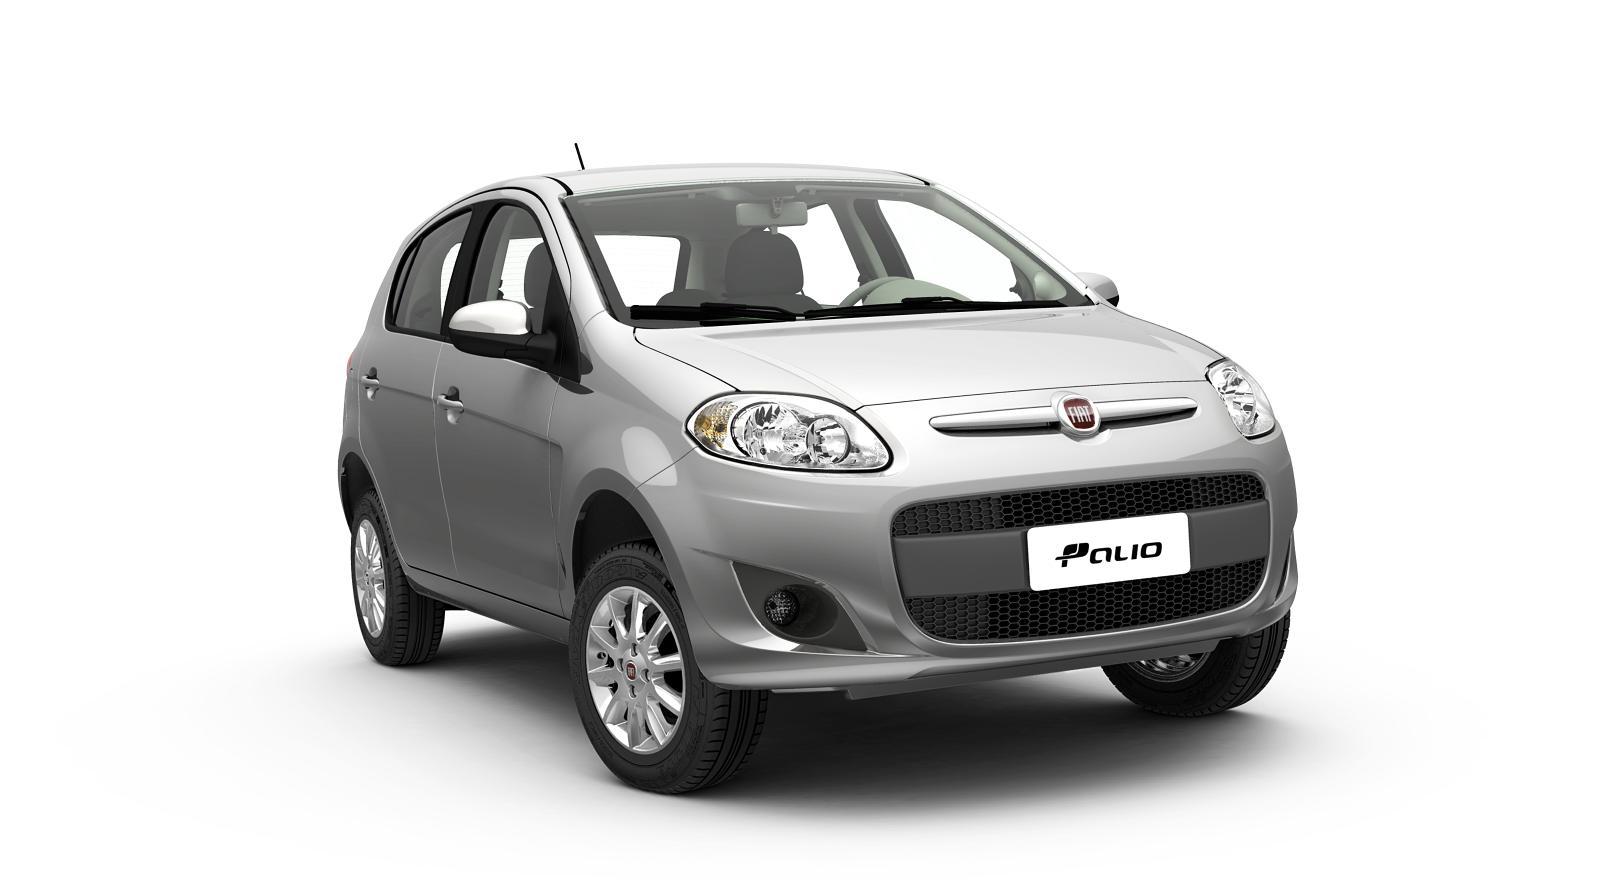 confira as imagens oficiais do palio 2012  u2013 all the cars